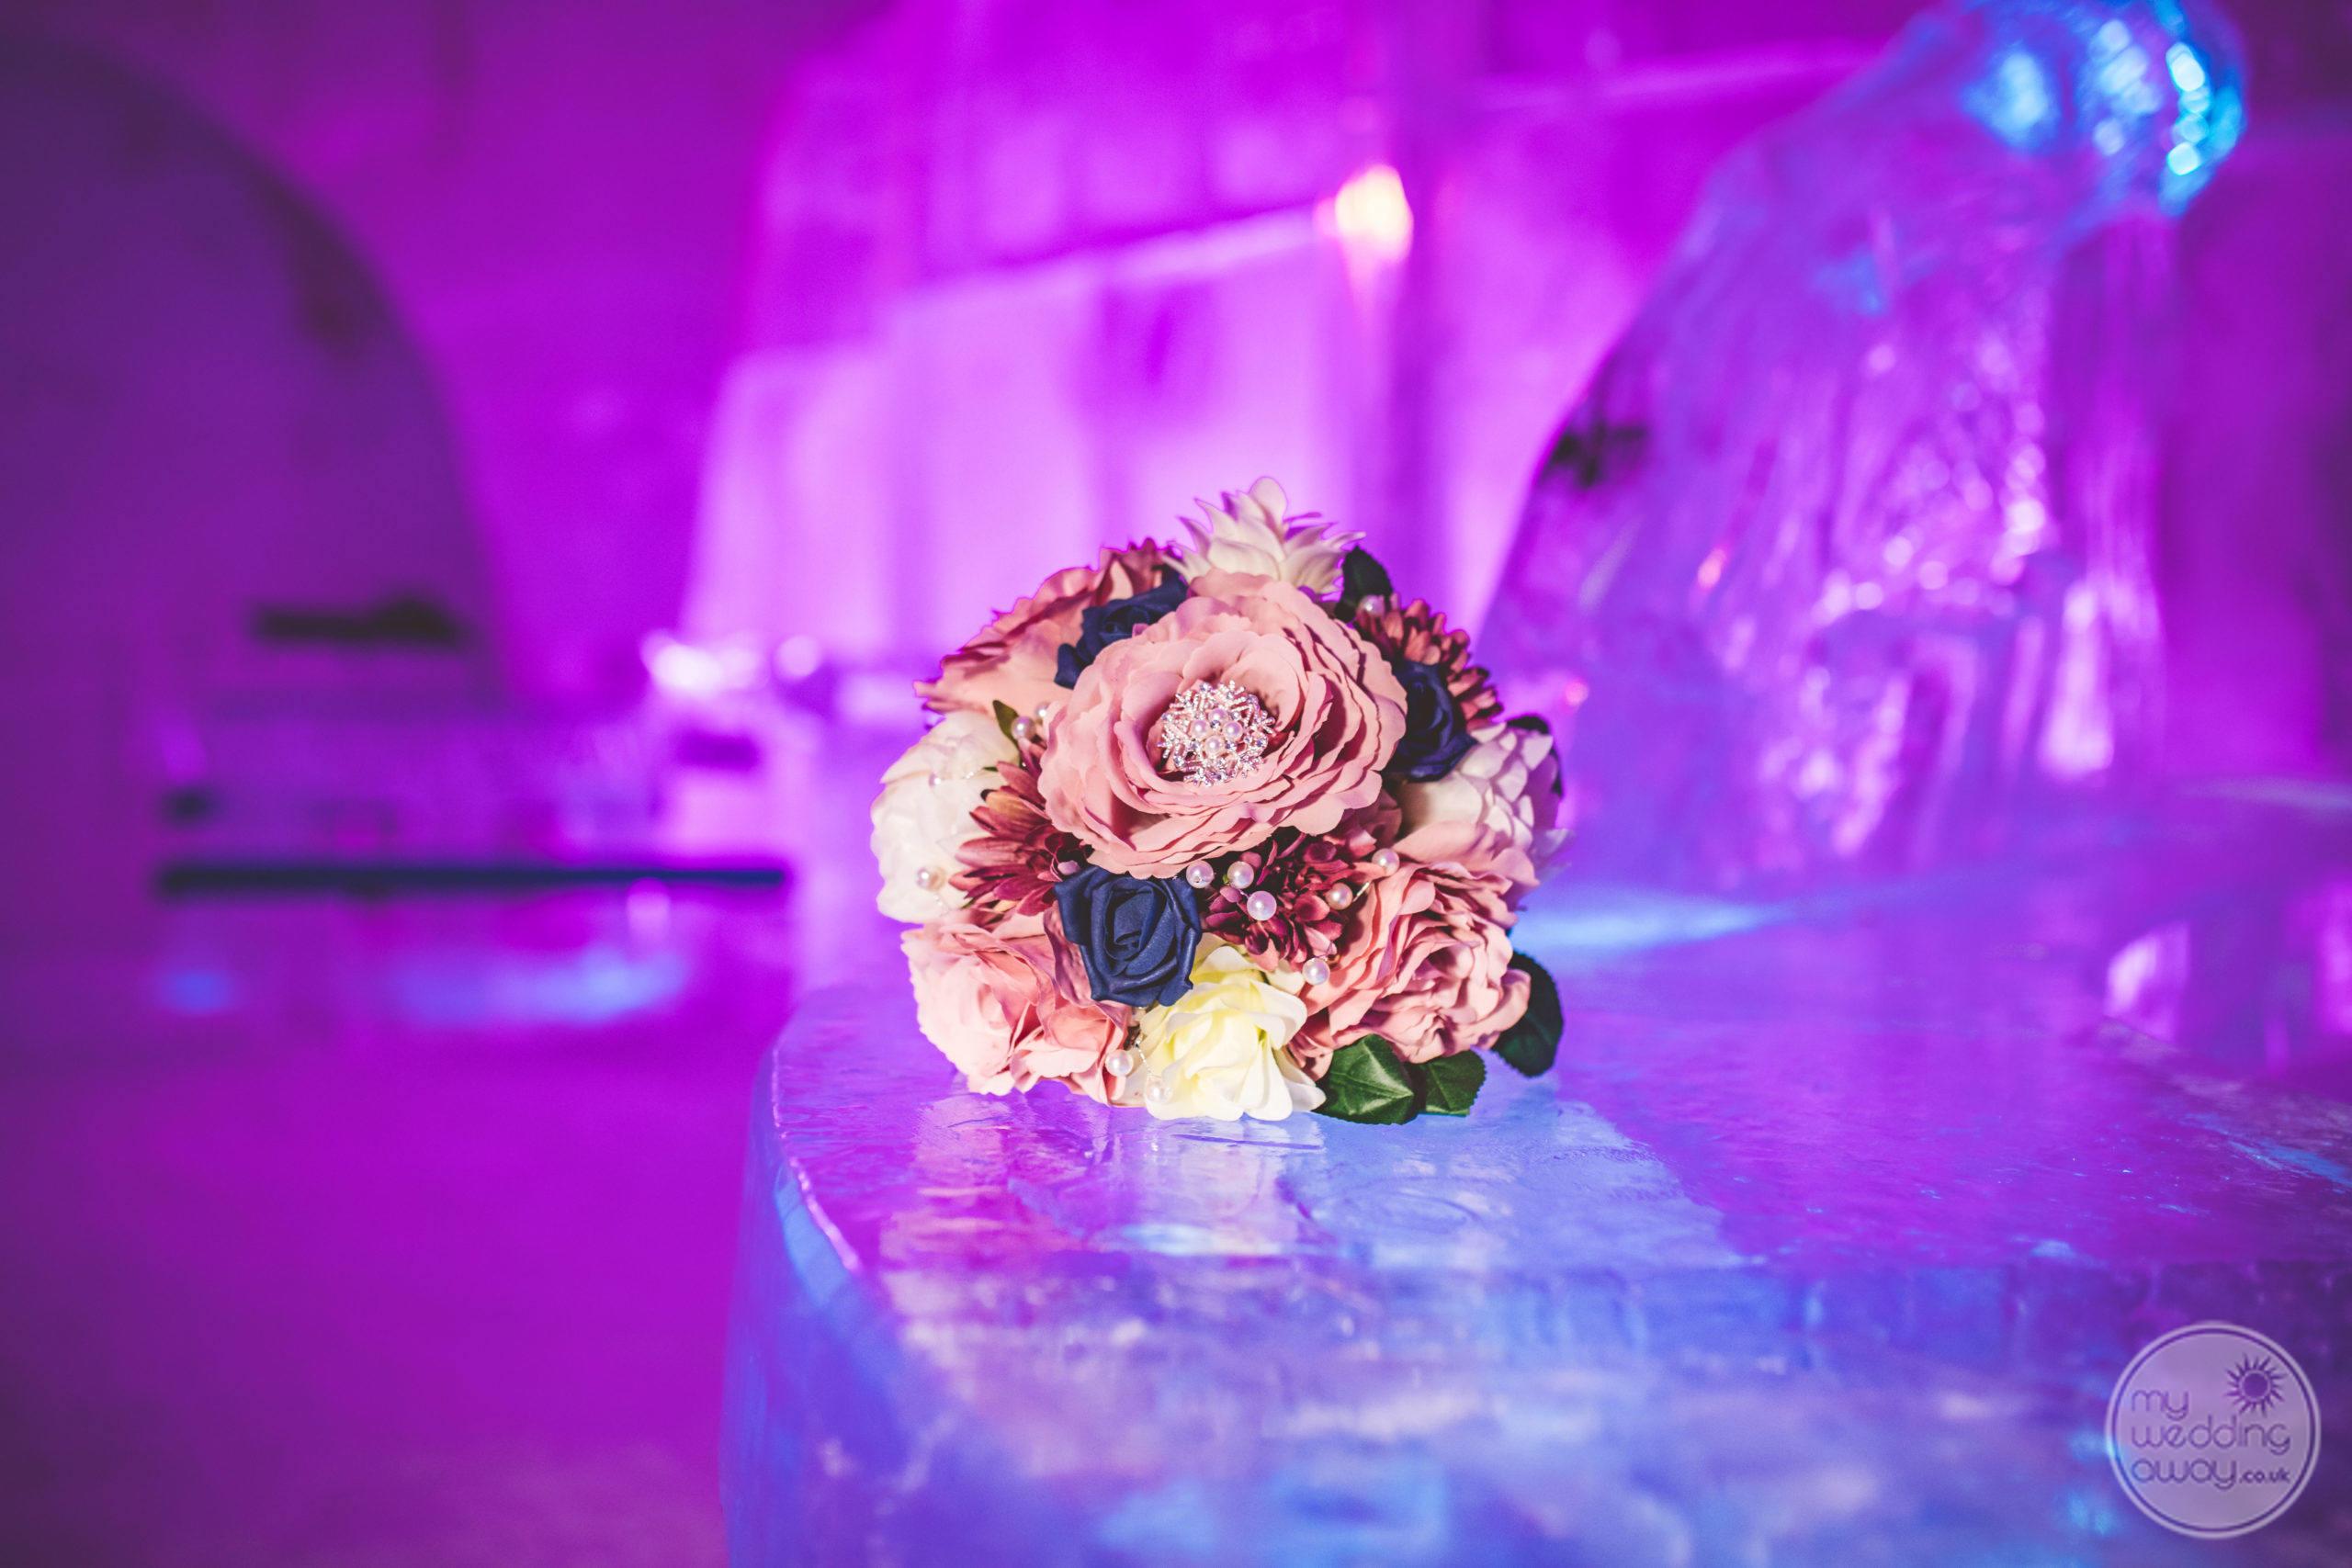 Luvattumaa Levi Ice Gallery, Finland